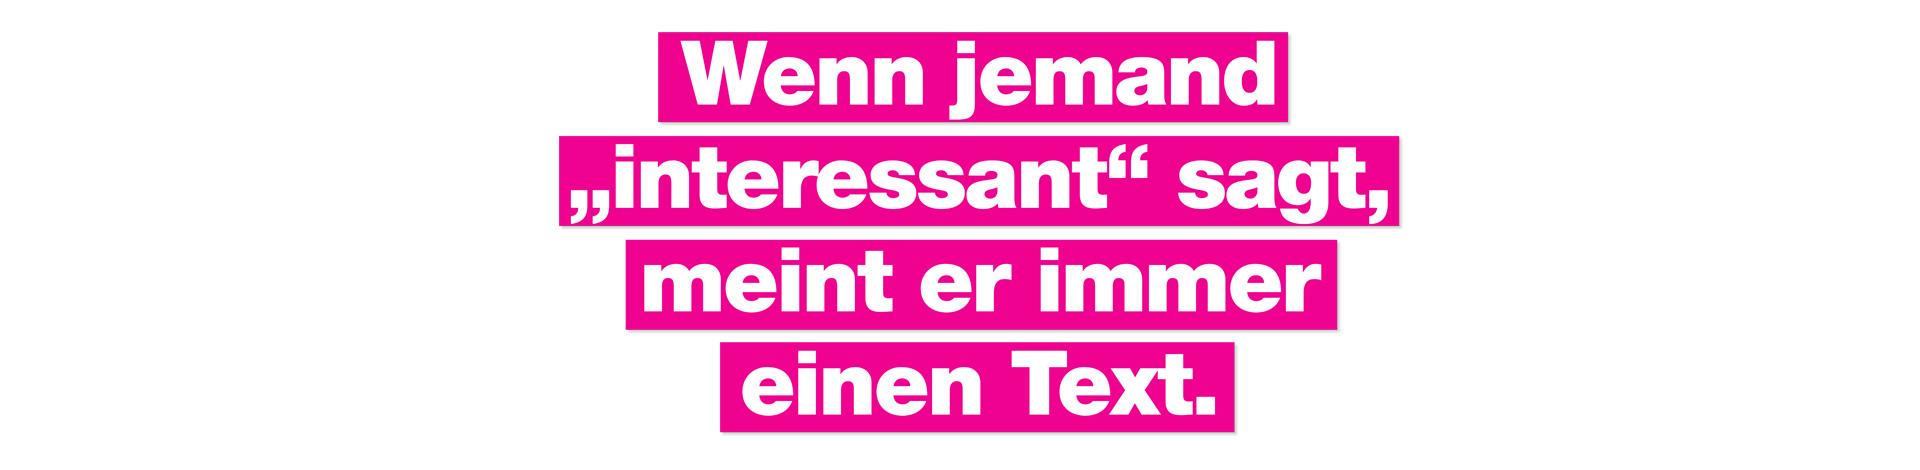 """Wenn jemand """"interessant"""" sagt, meint er immer einen Text. Perfekte Texte für Web und Print von Achim Szymanski"""